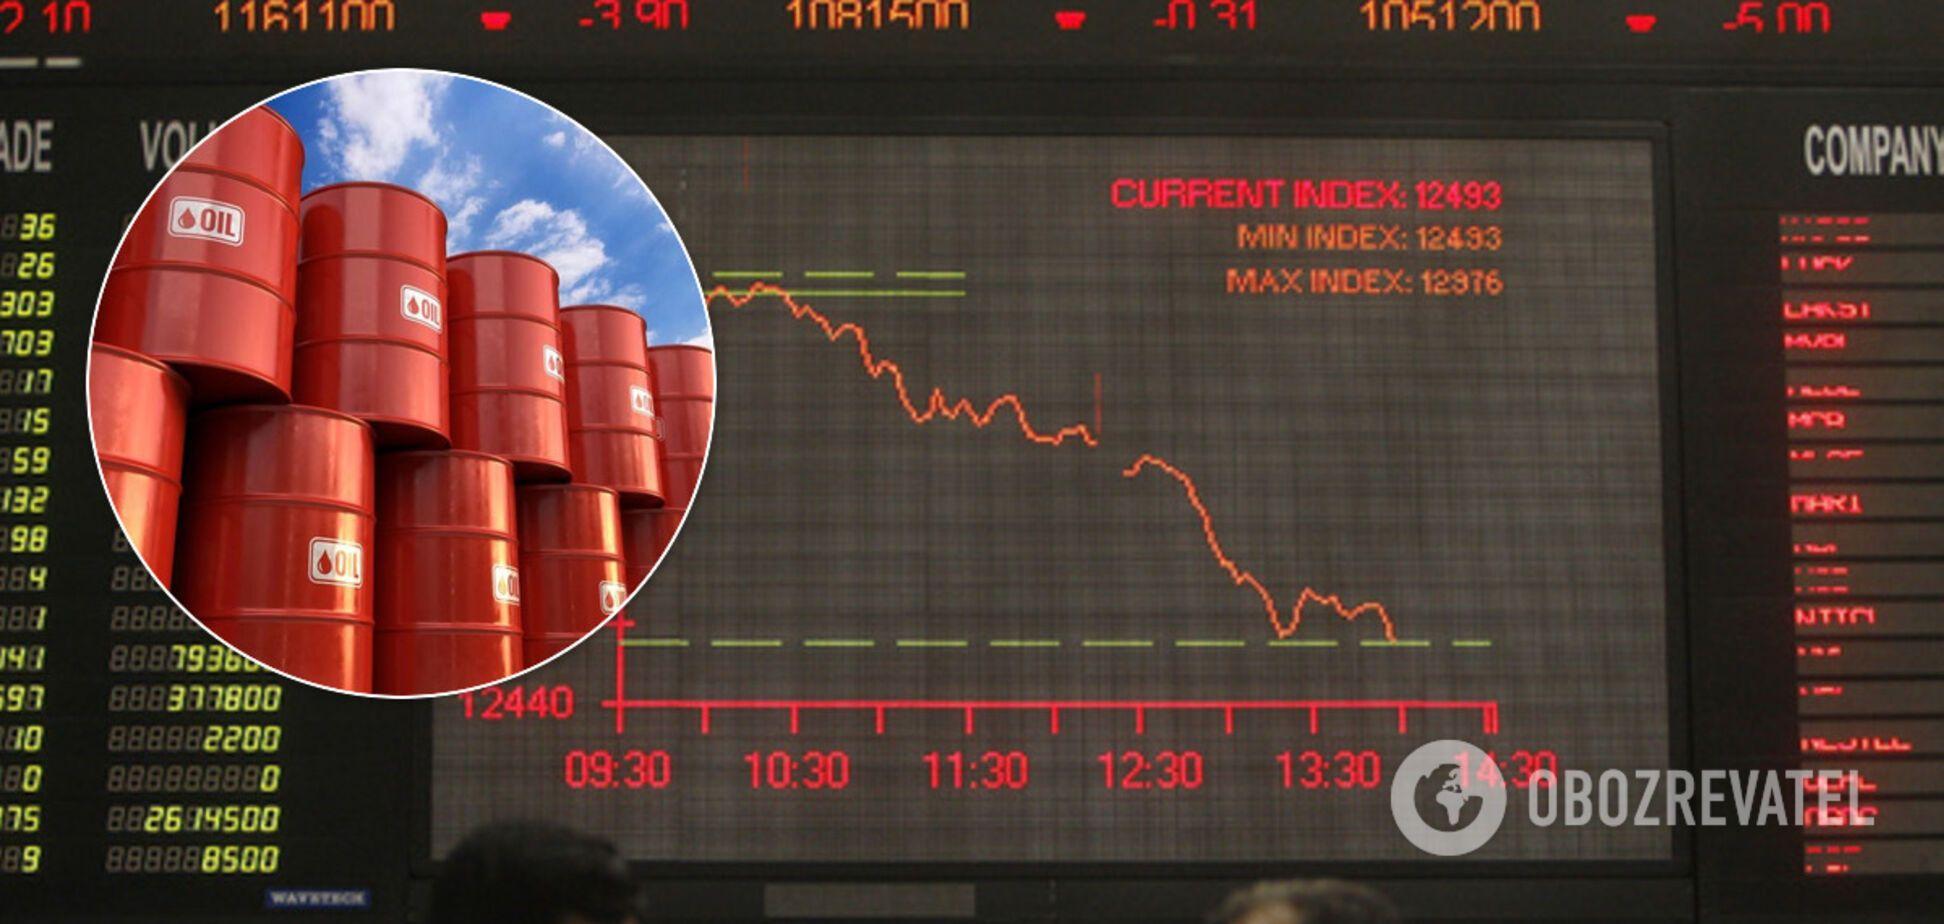 Россия продала нефть ниже себестоимости: цены обрушились